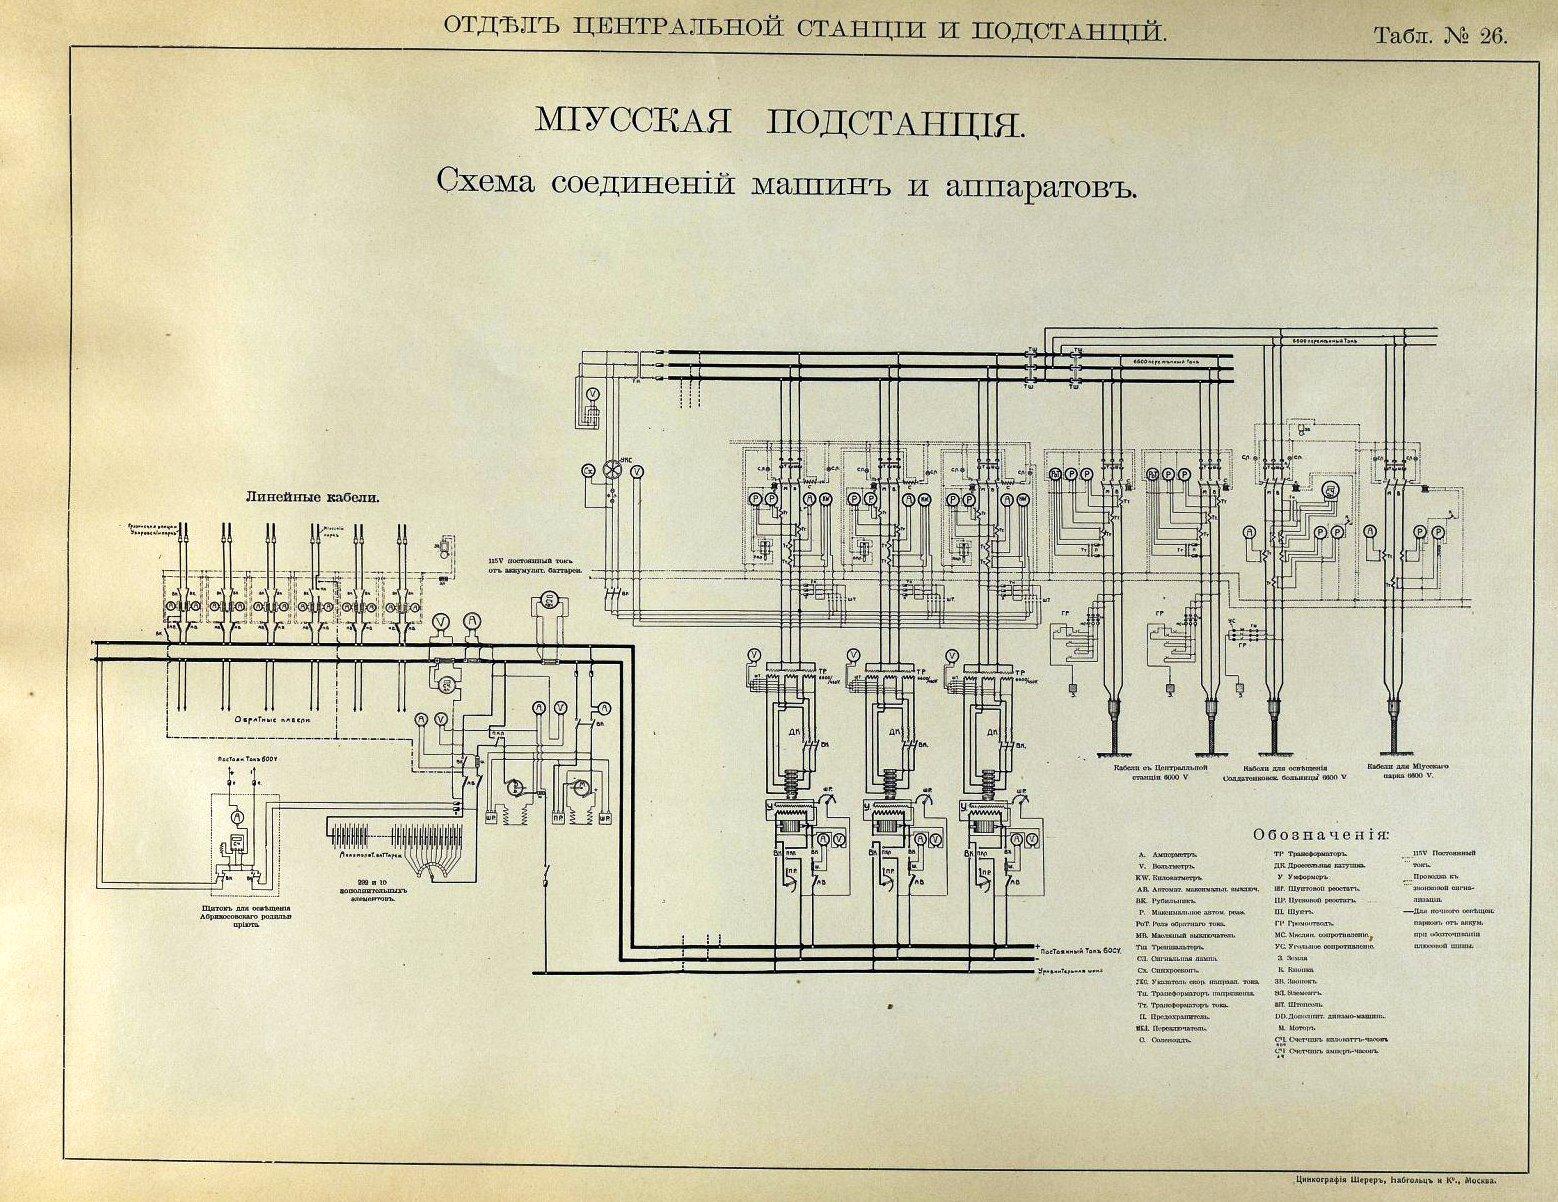 27. Миусская подстанция - схема соединений машин и аппаратов